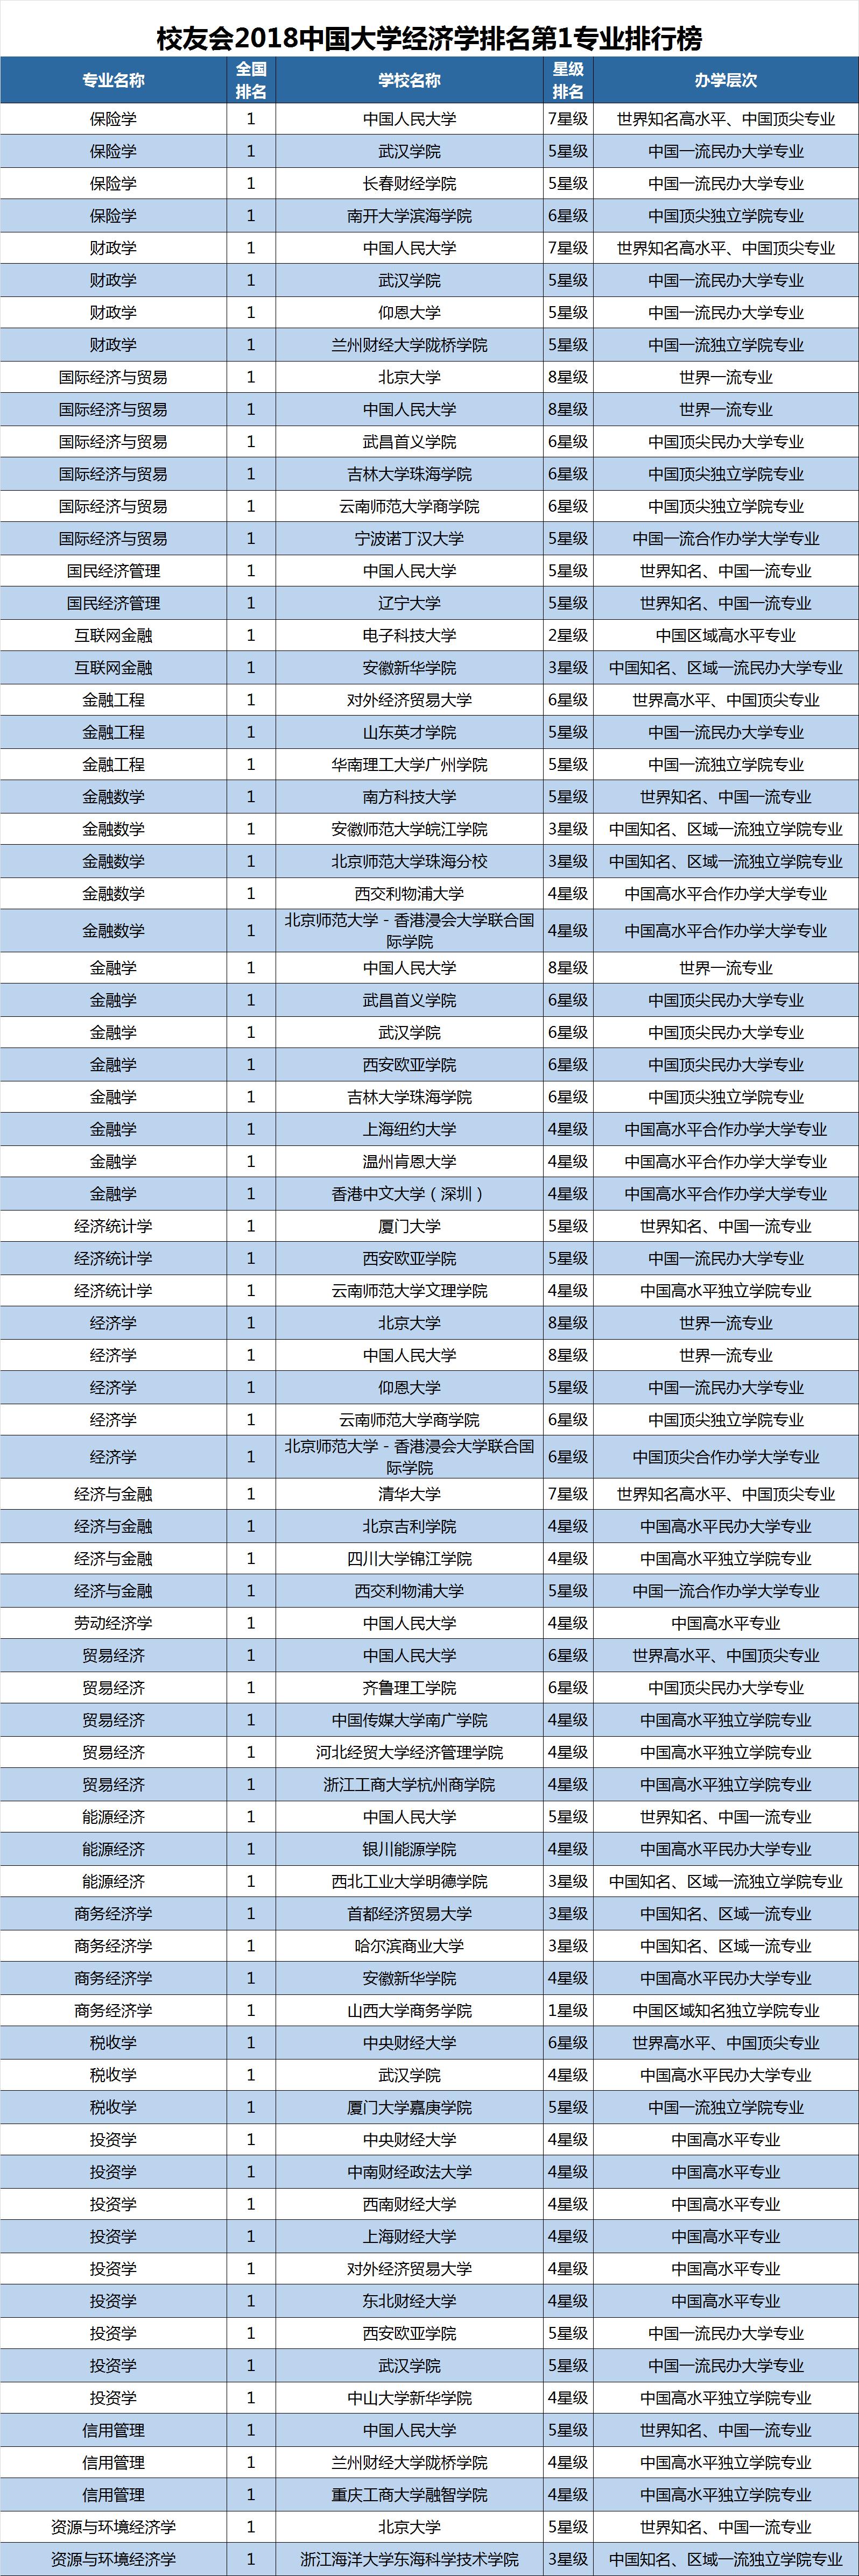 必赢亚洲366.net 7